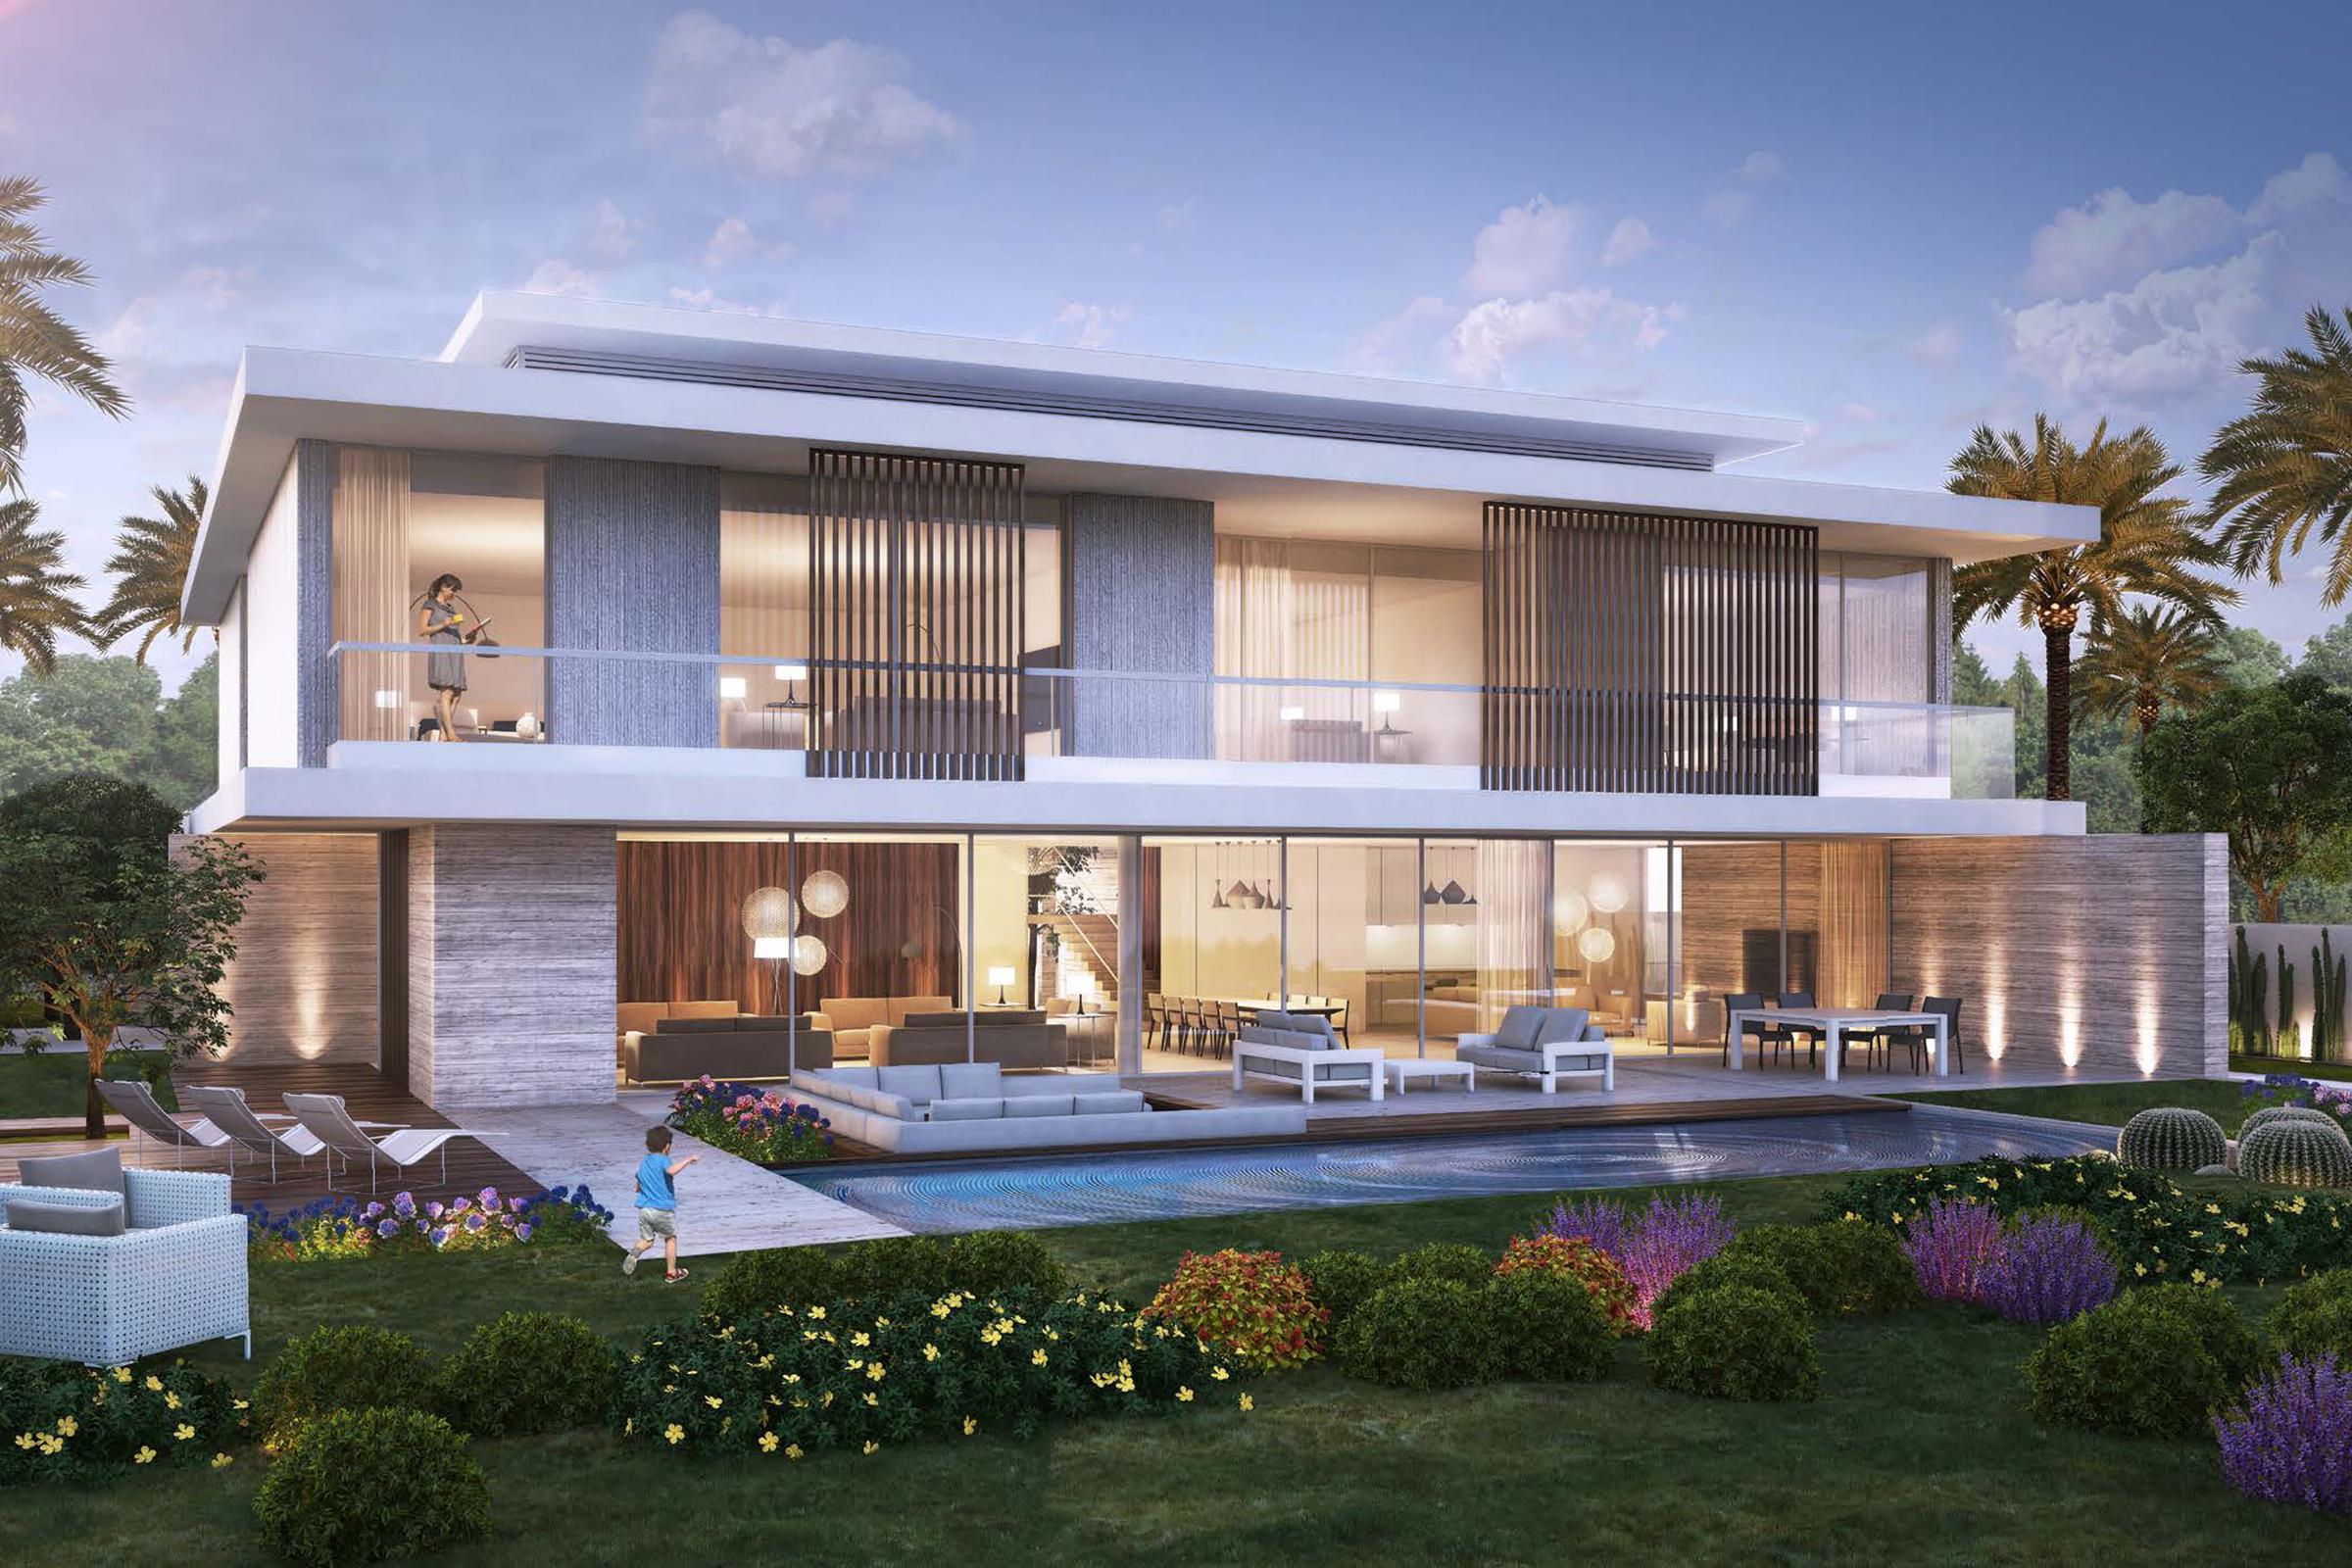 Fairway Vista villa with Largest Plot